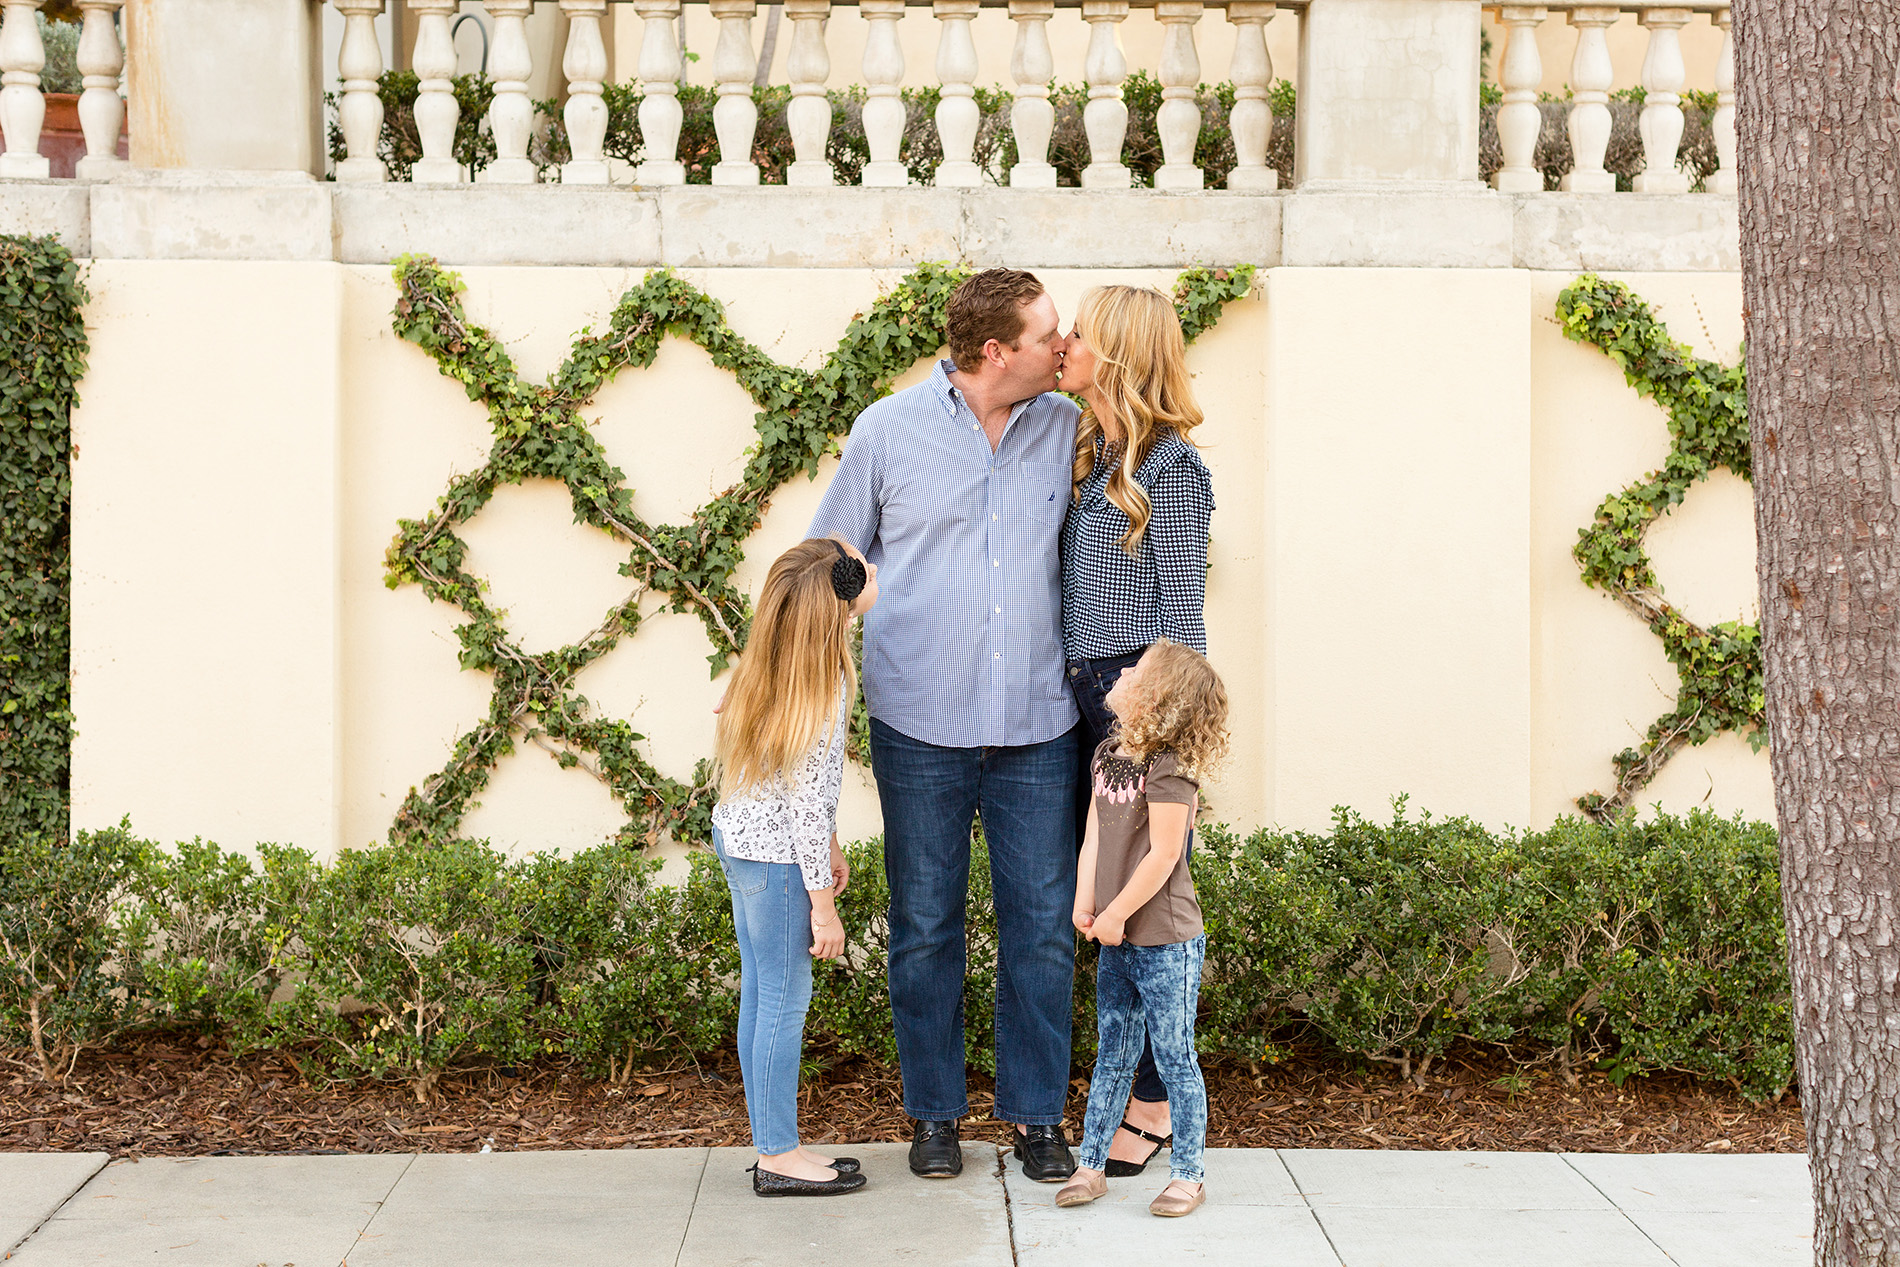 San Diego Family Photographer Christine Dammann Photography Holiday Photos.SFWS29.jpg